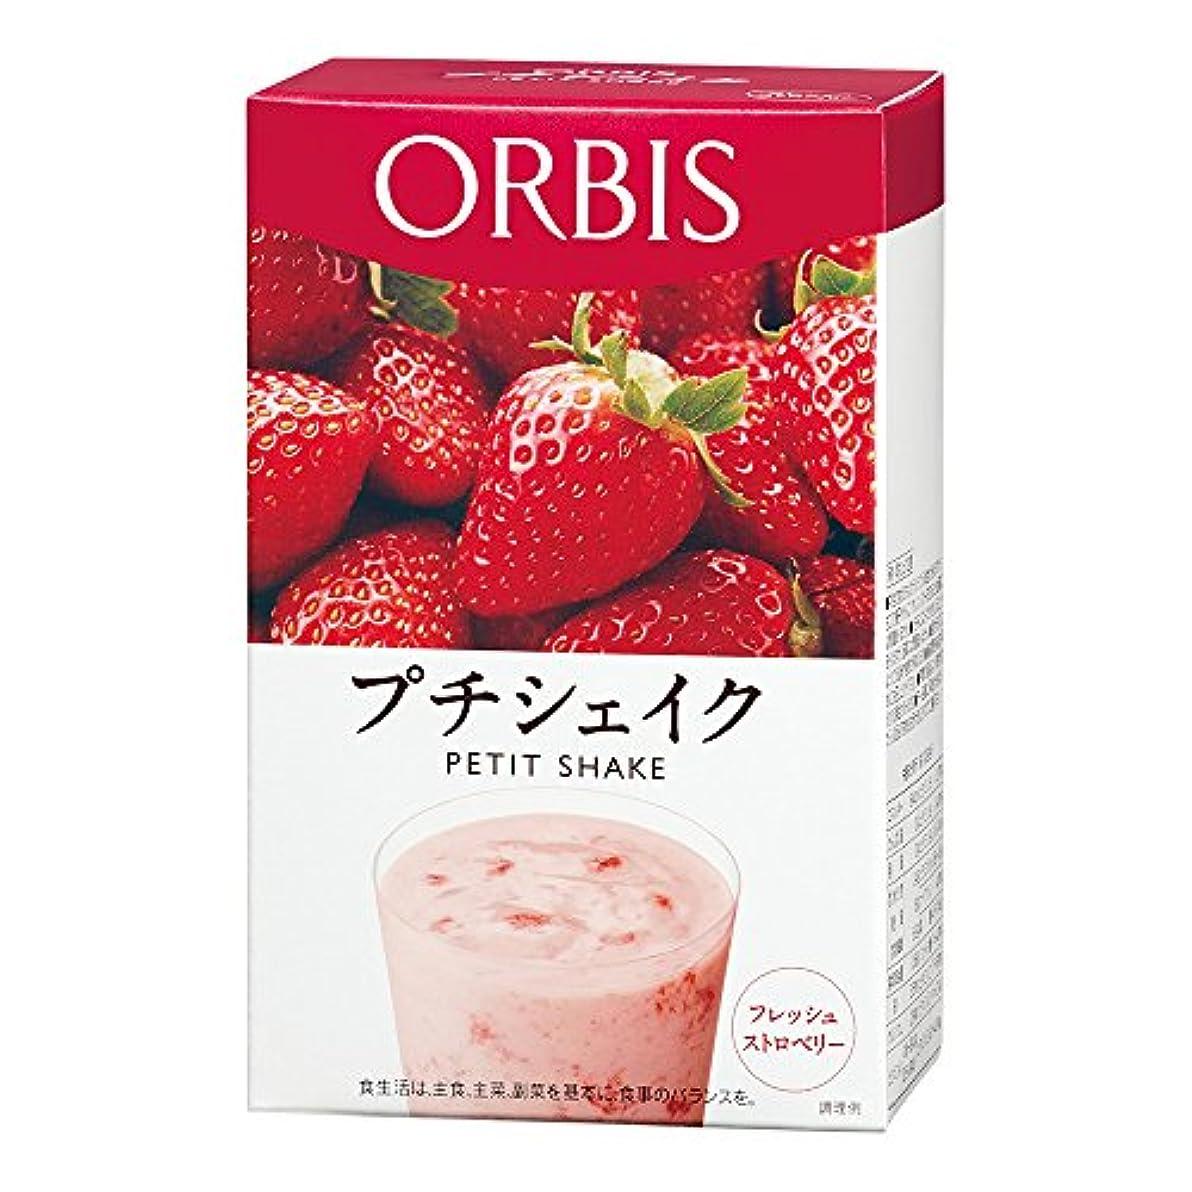 ワークショップ主導権小数オルビス(ORBIS) プチシェイク フレッシュストロベリー 100g×7食分 ◎ダイエットドリンク?スムージー◎ 1食分153kcal